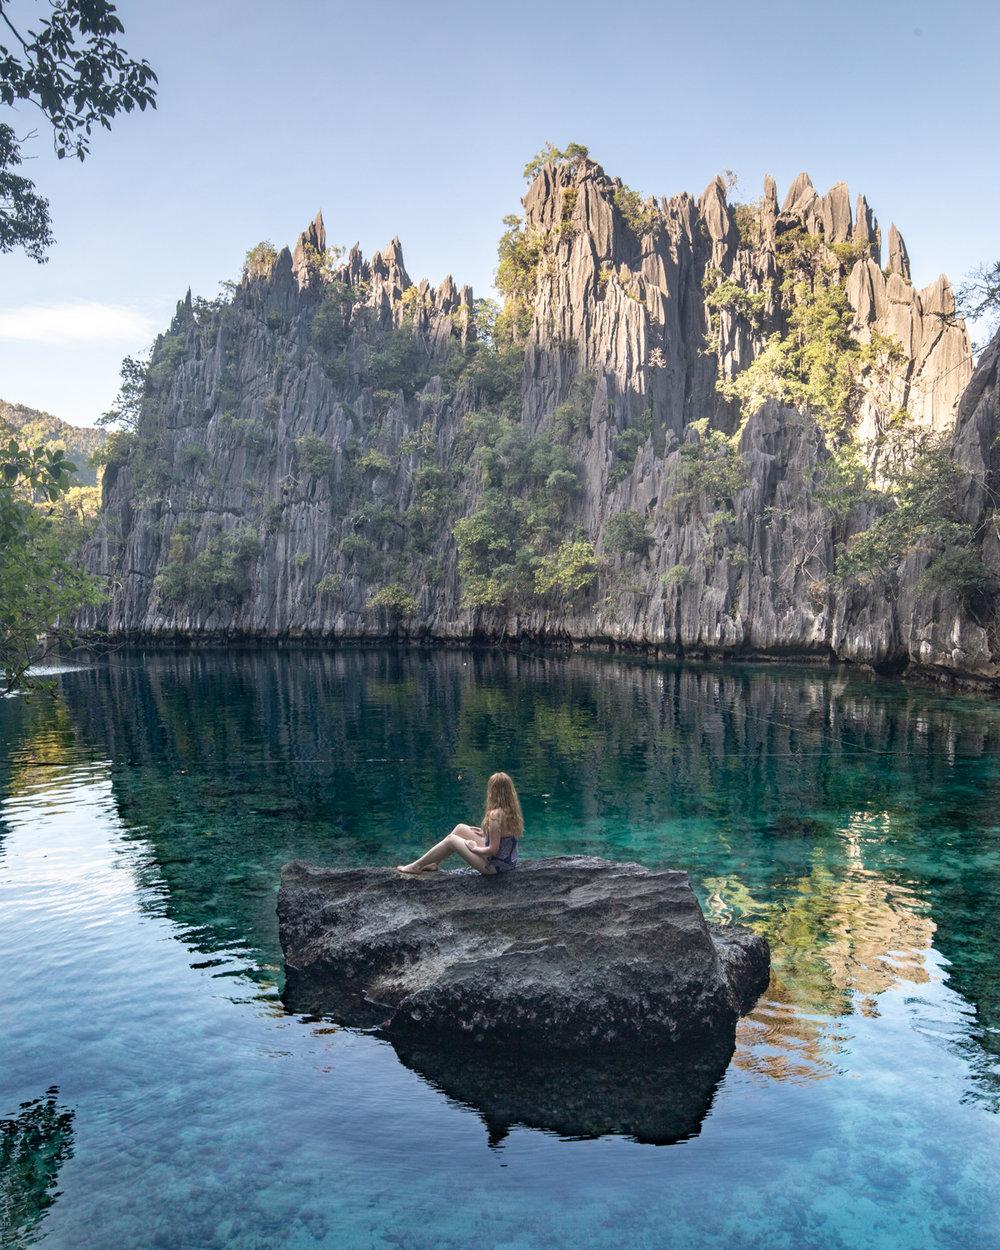 Twin Lagoons in Coron, Palawan